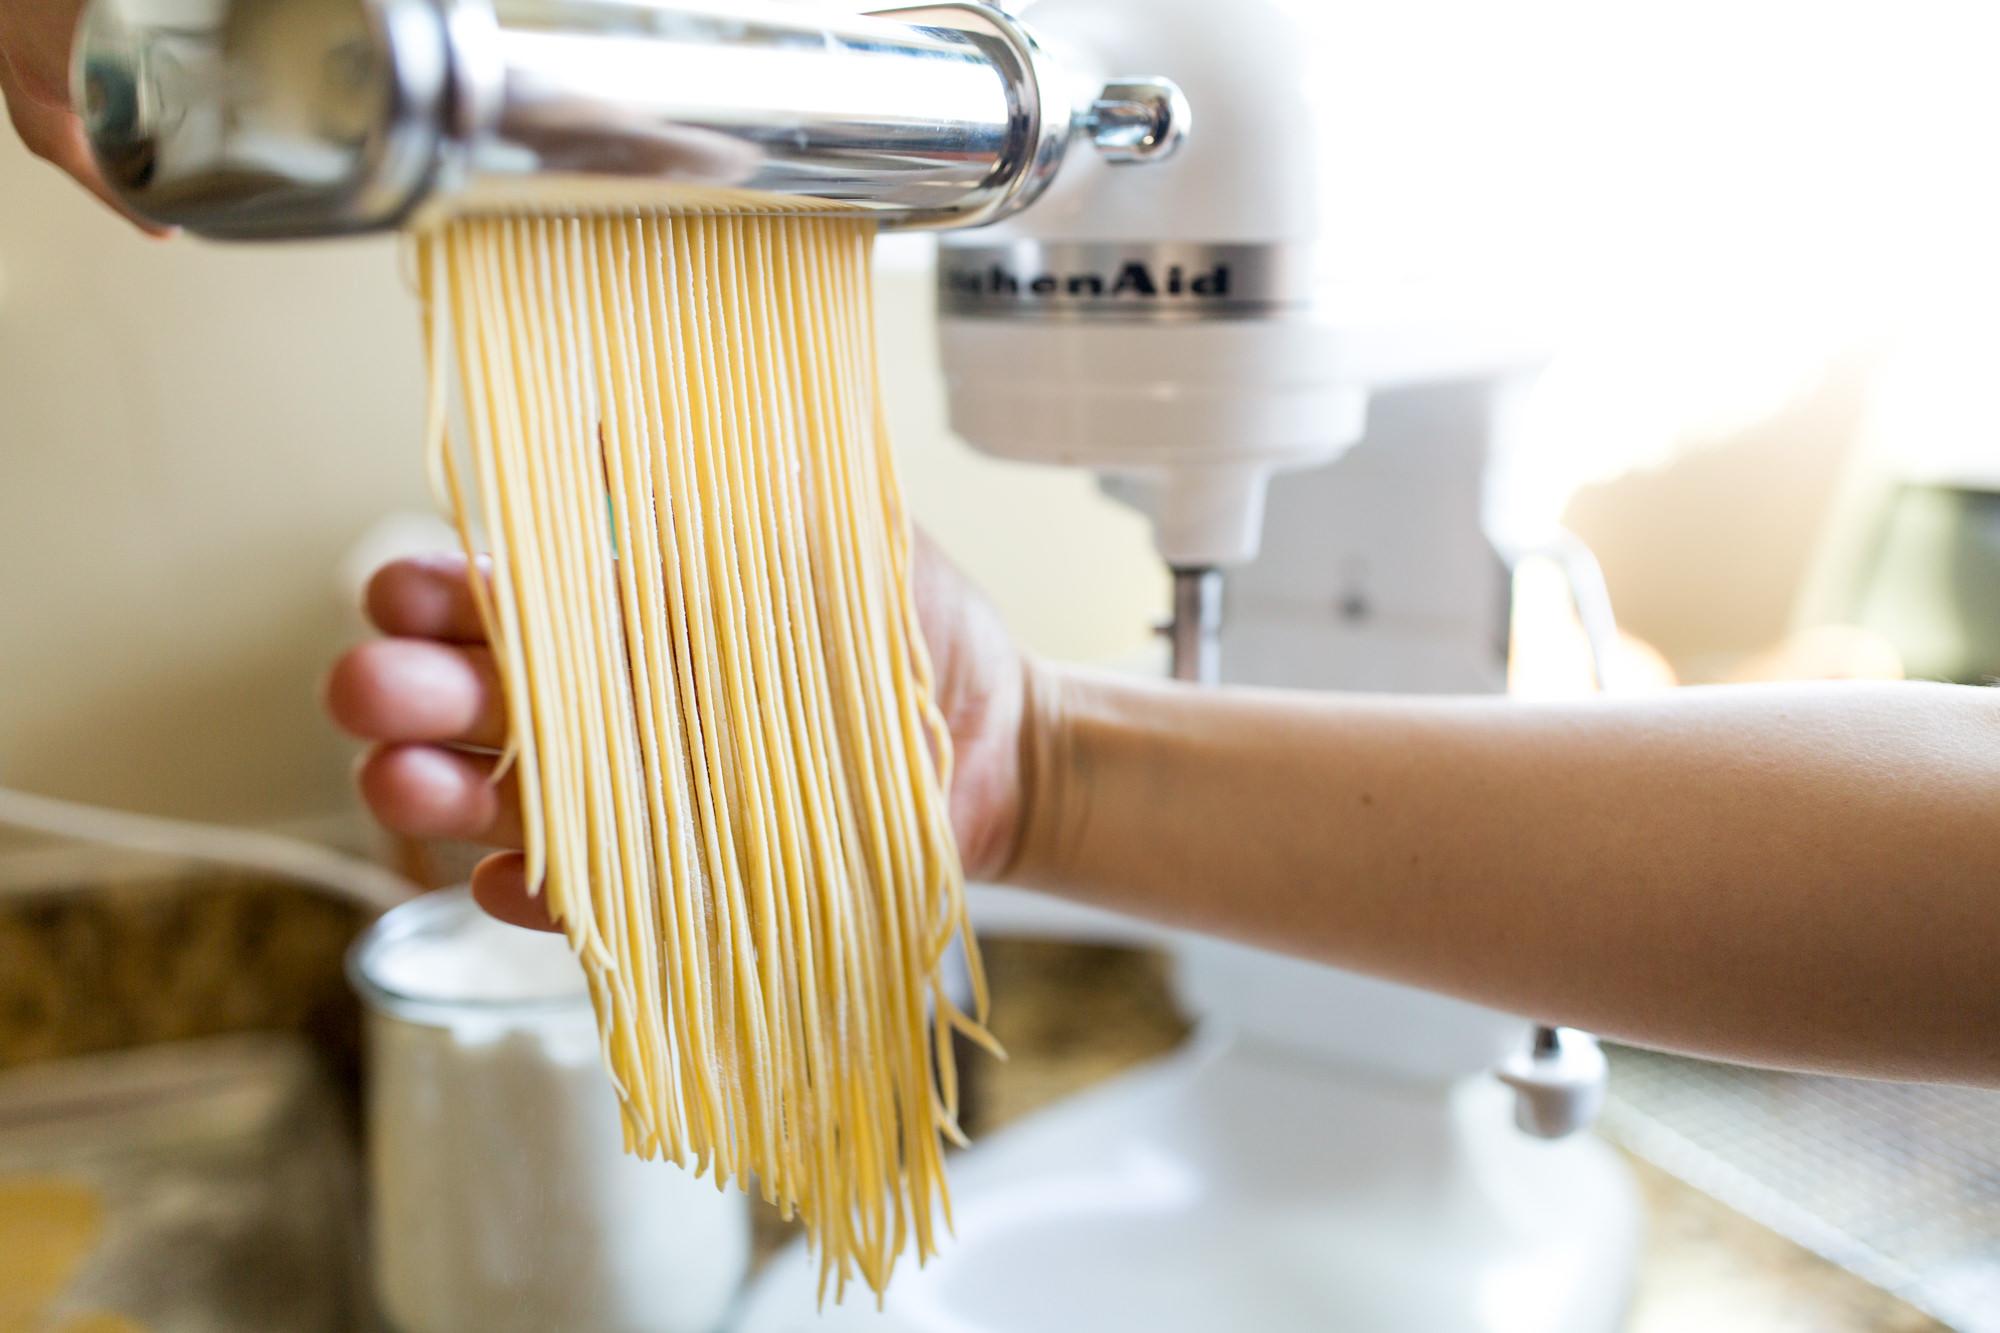 cutting fresh spaghetti